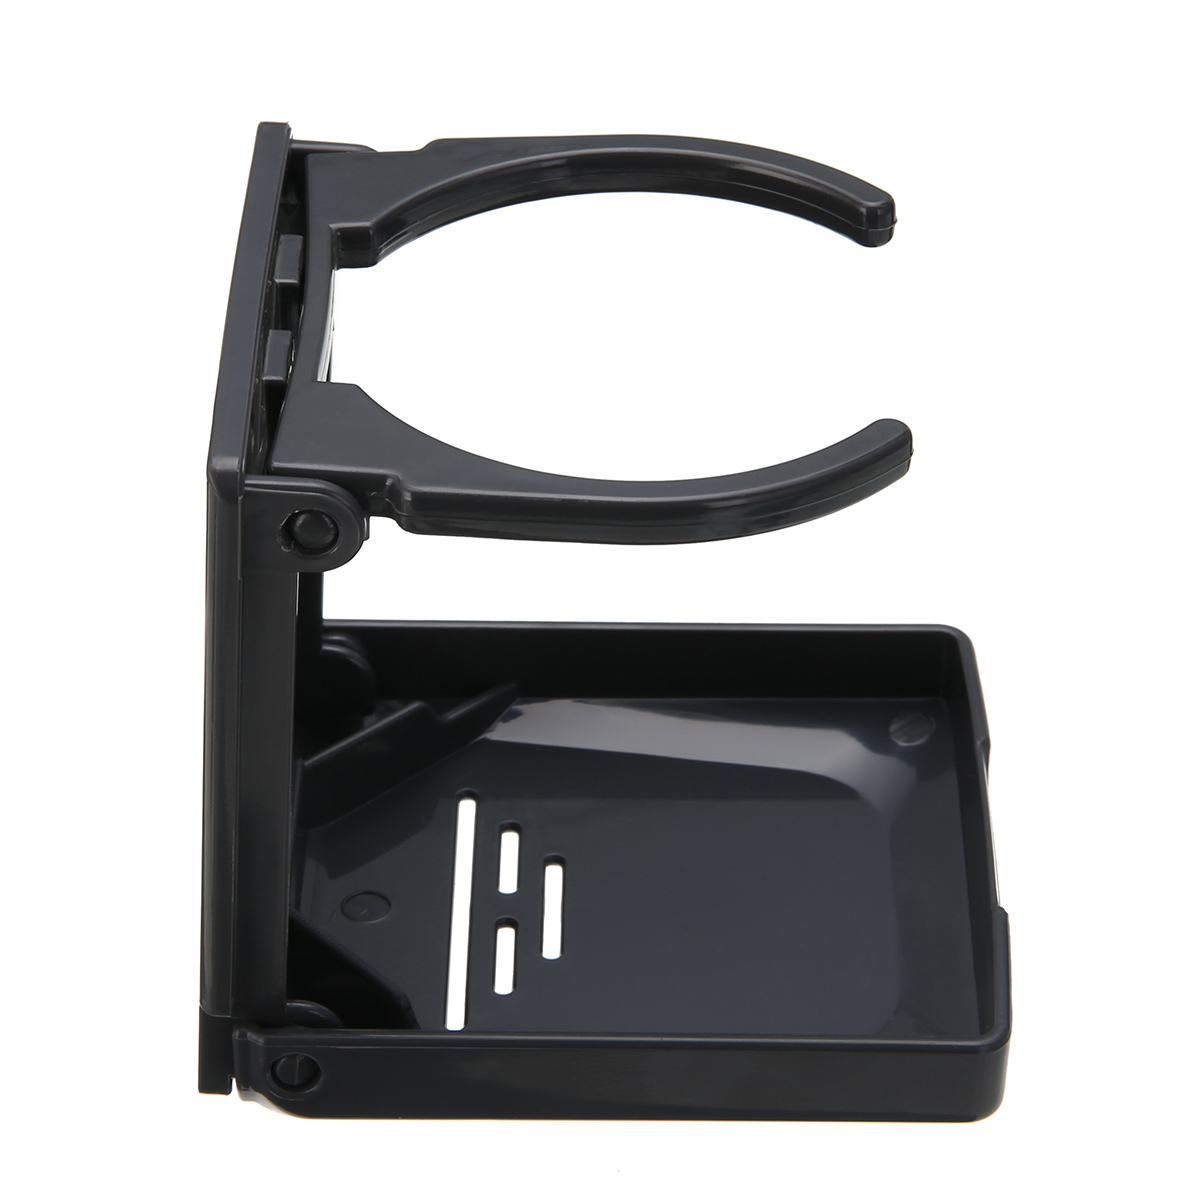 1pcs Adjustable Black Folding Drink Cup Holder Mount For Boat Marine Caravan Car Car Styling Drink Cup Holder